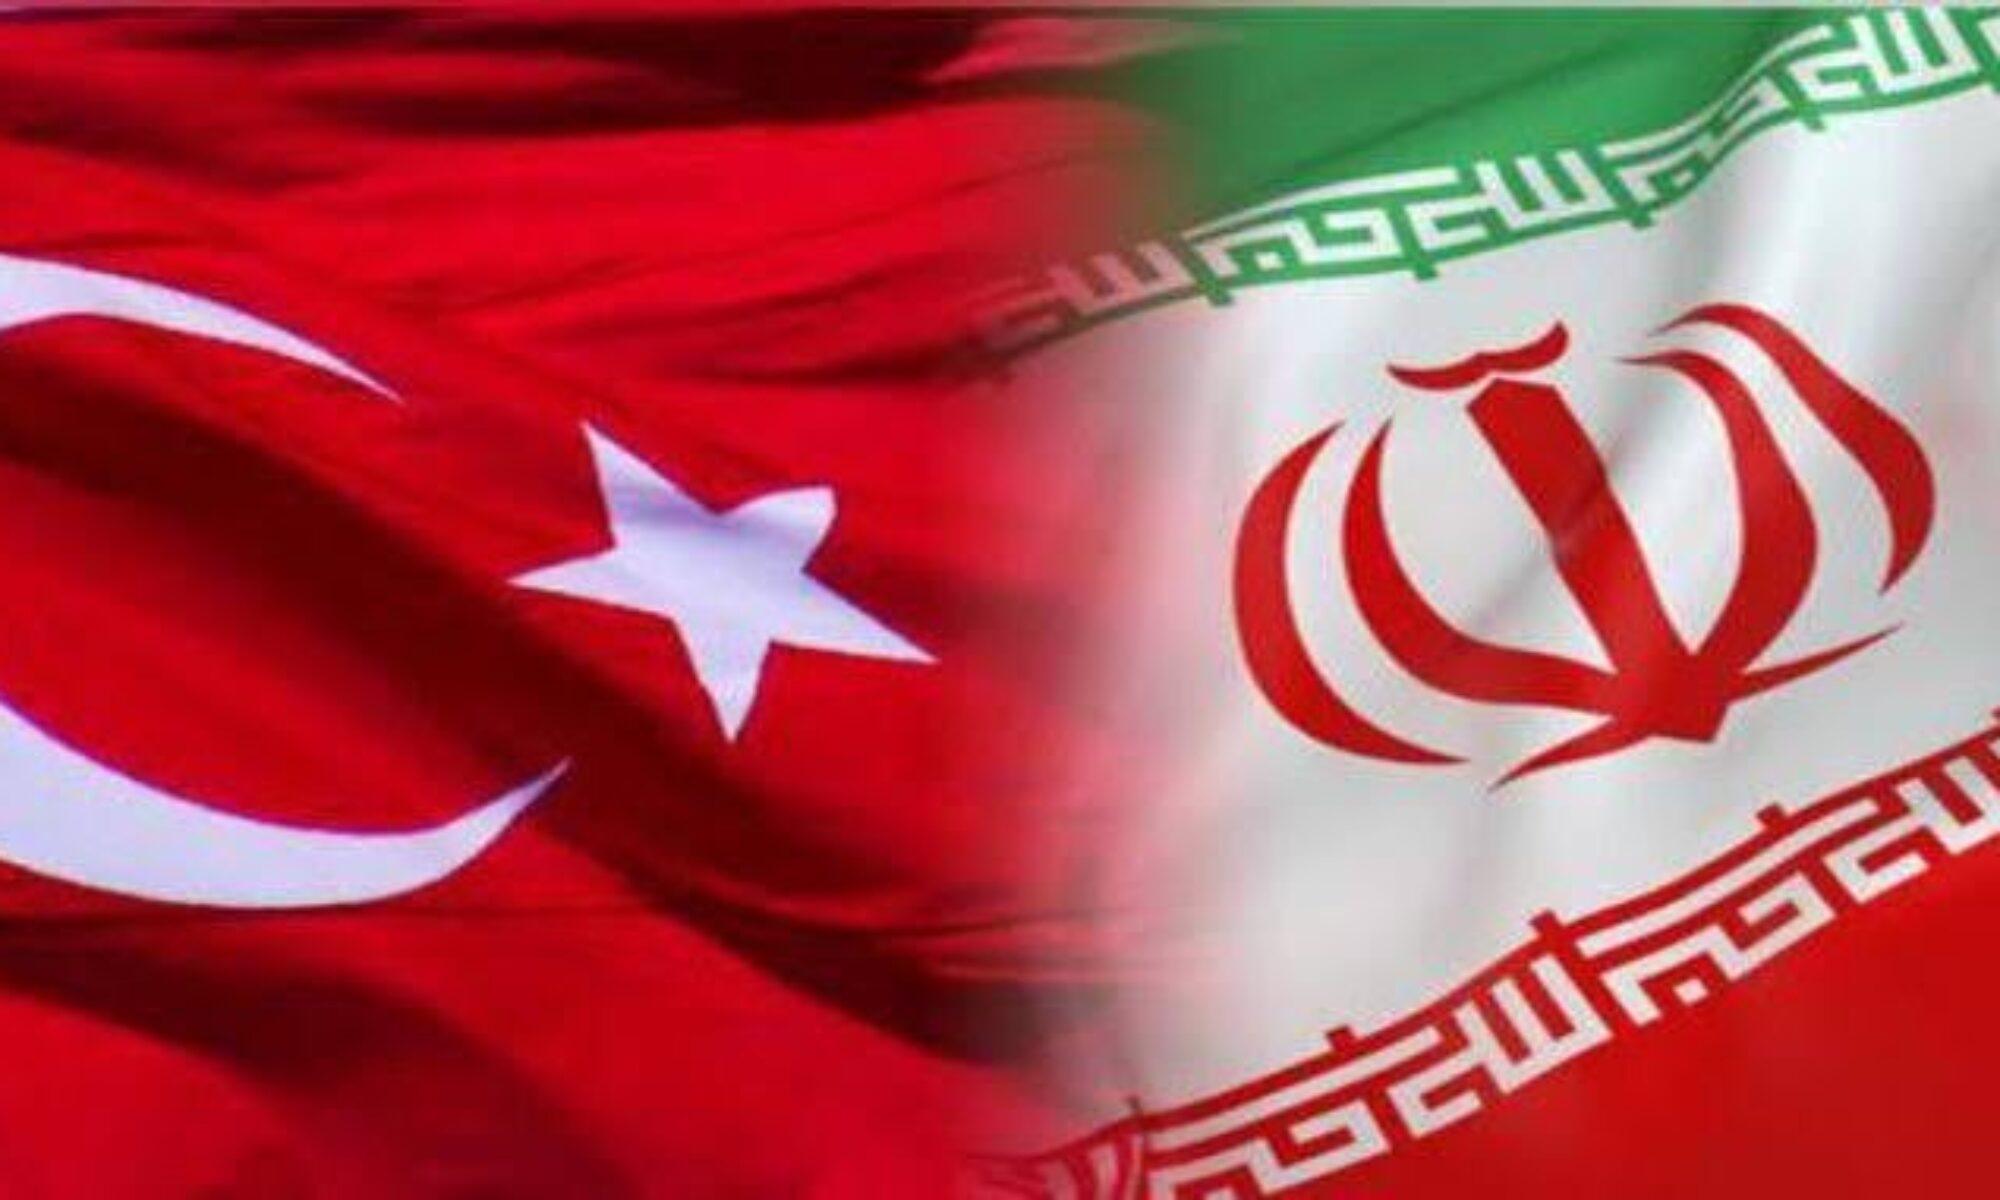 Şengal, Türkiye ve İran'ın mücadele sahası haline geldi Cotyar Adil, Bağdat, PKK, Irak, Kürdistan, BM,